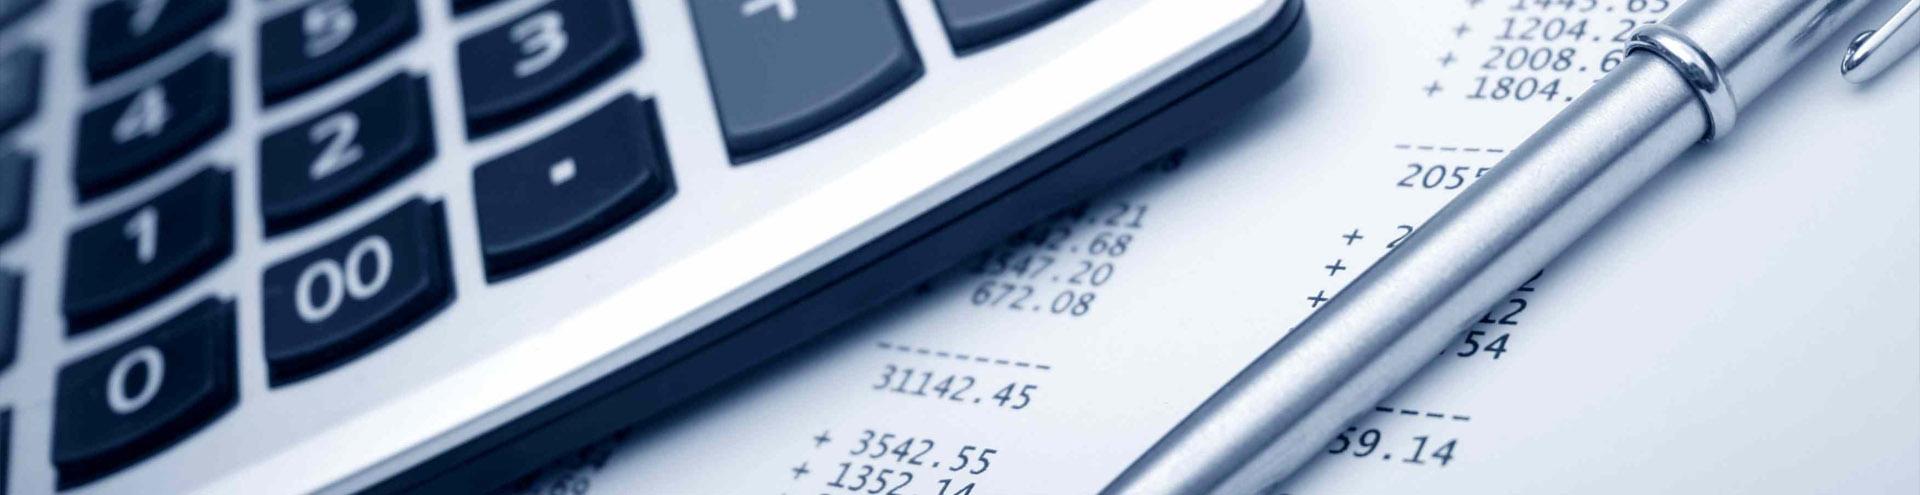 стоимость юридических услуг в Самаре